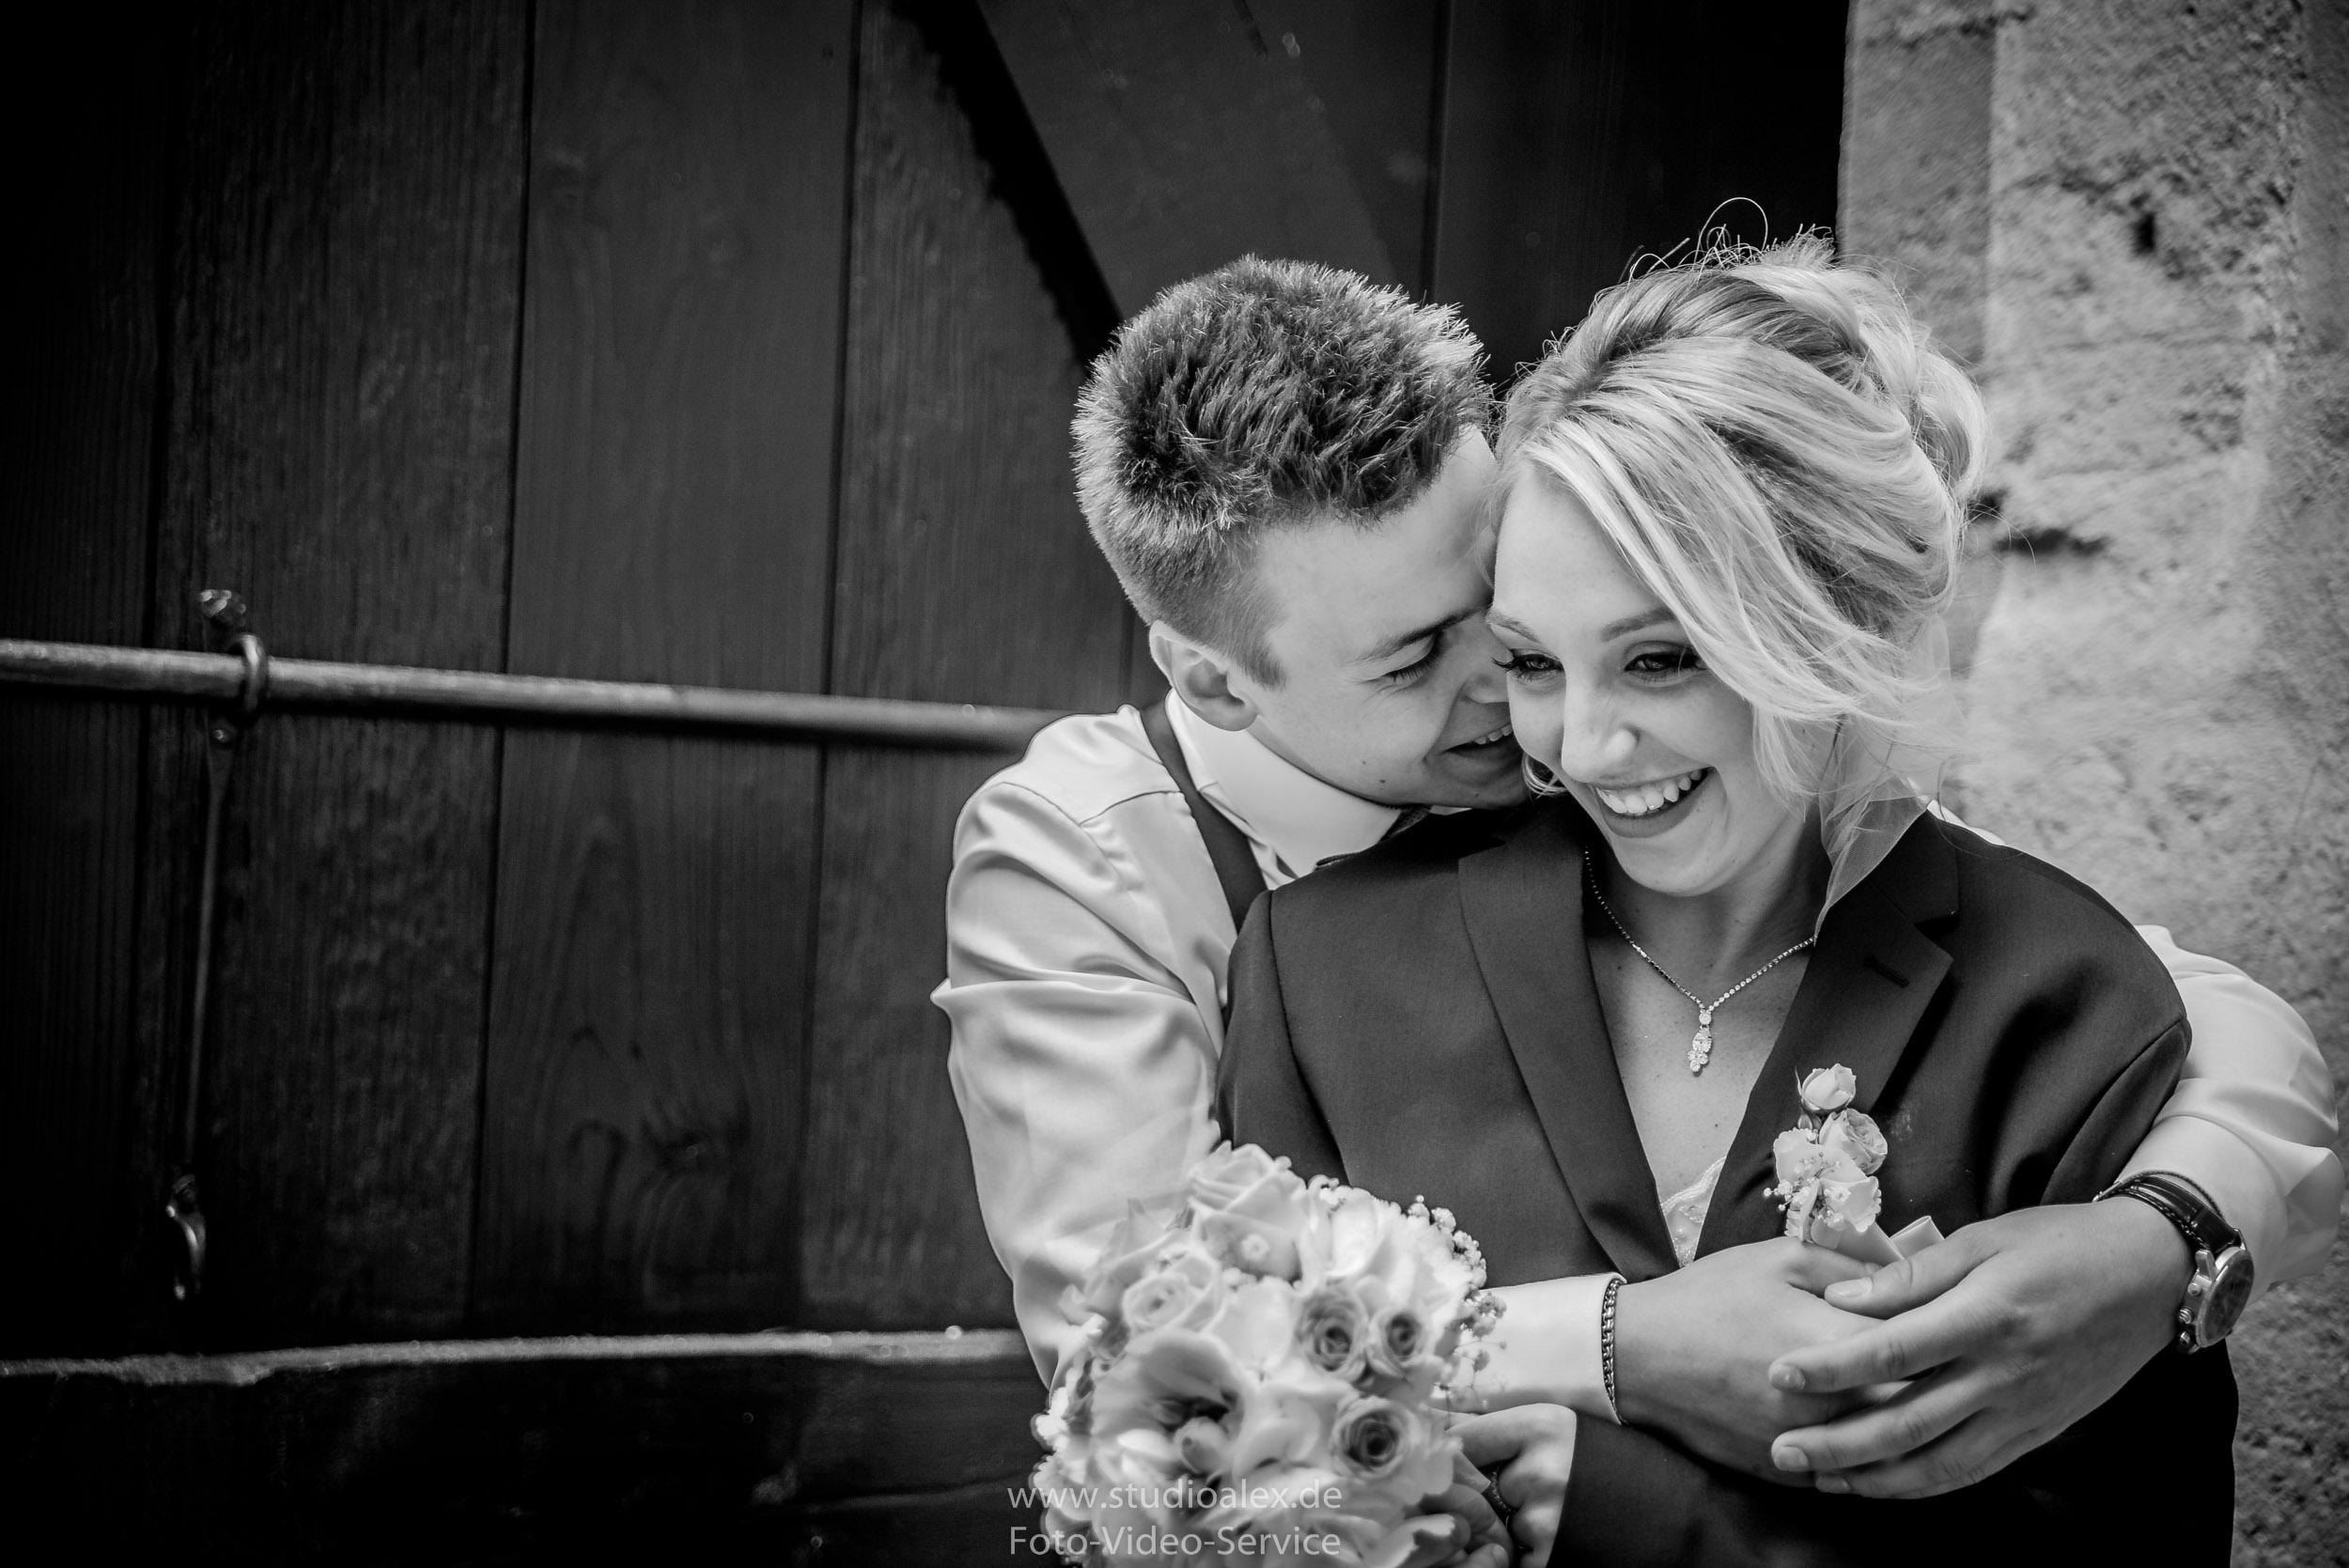 Hochzeitsfotograf-Amberg-Hochzeitsfotografie-Amberg-Hochzeit-Amberg-ACC-Fotograf-Amberg-8297.jpg